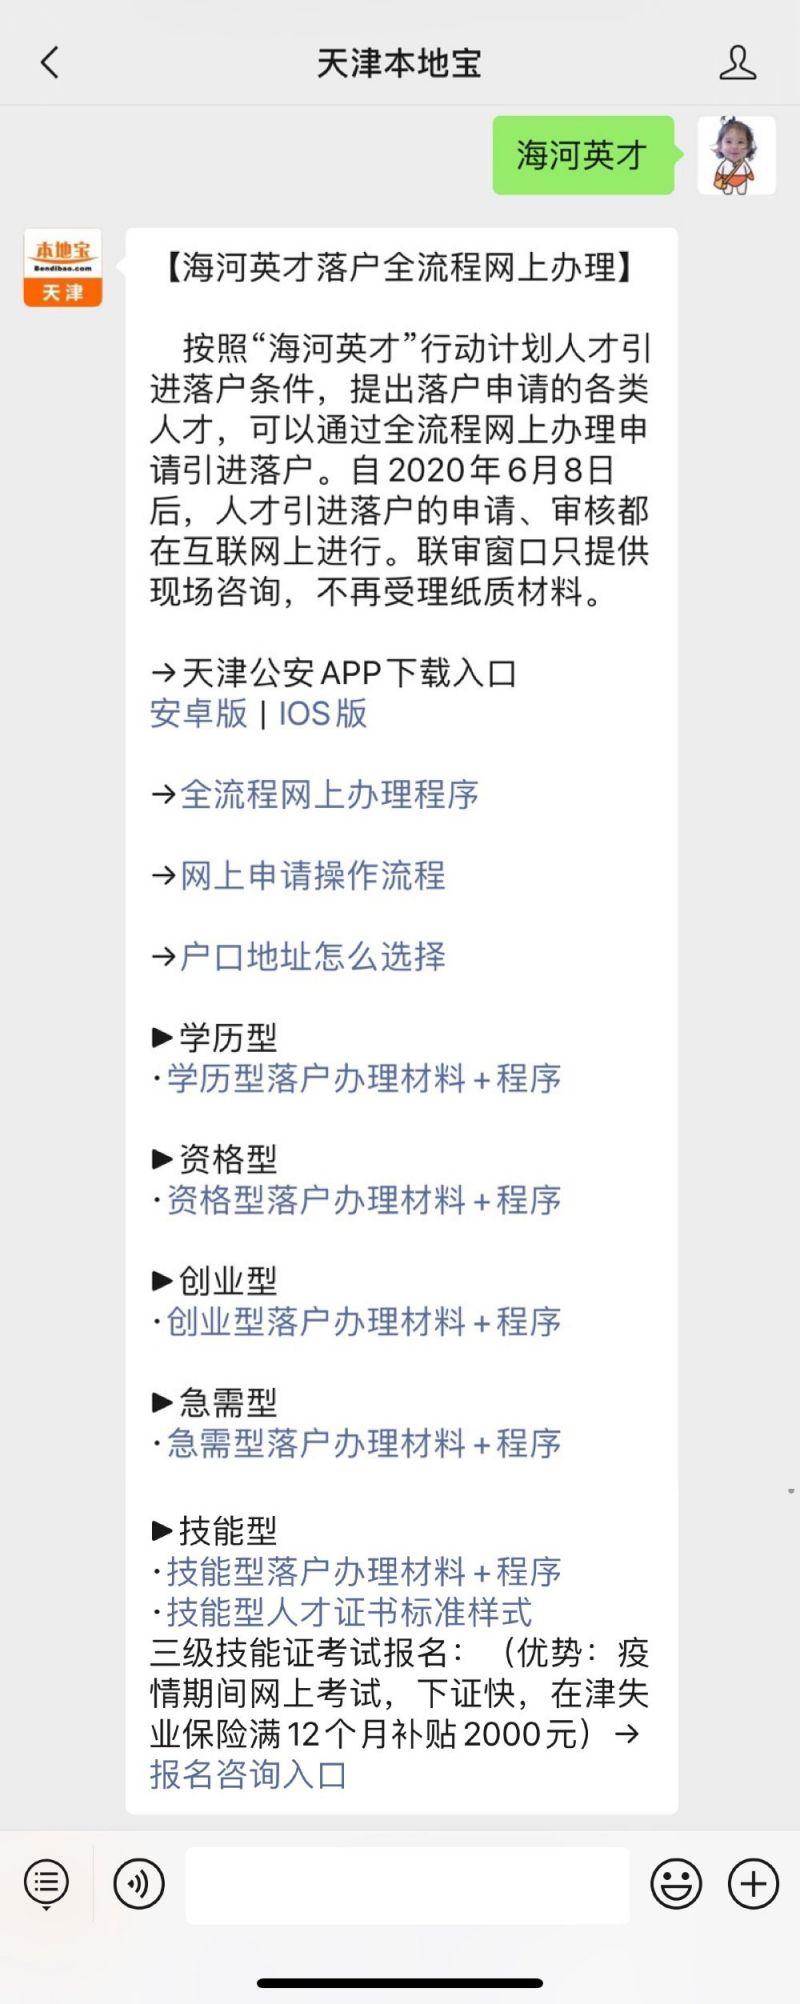 天津海河英才落户全流程网上办理流程